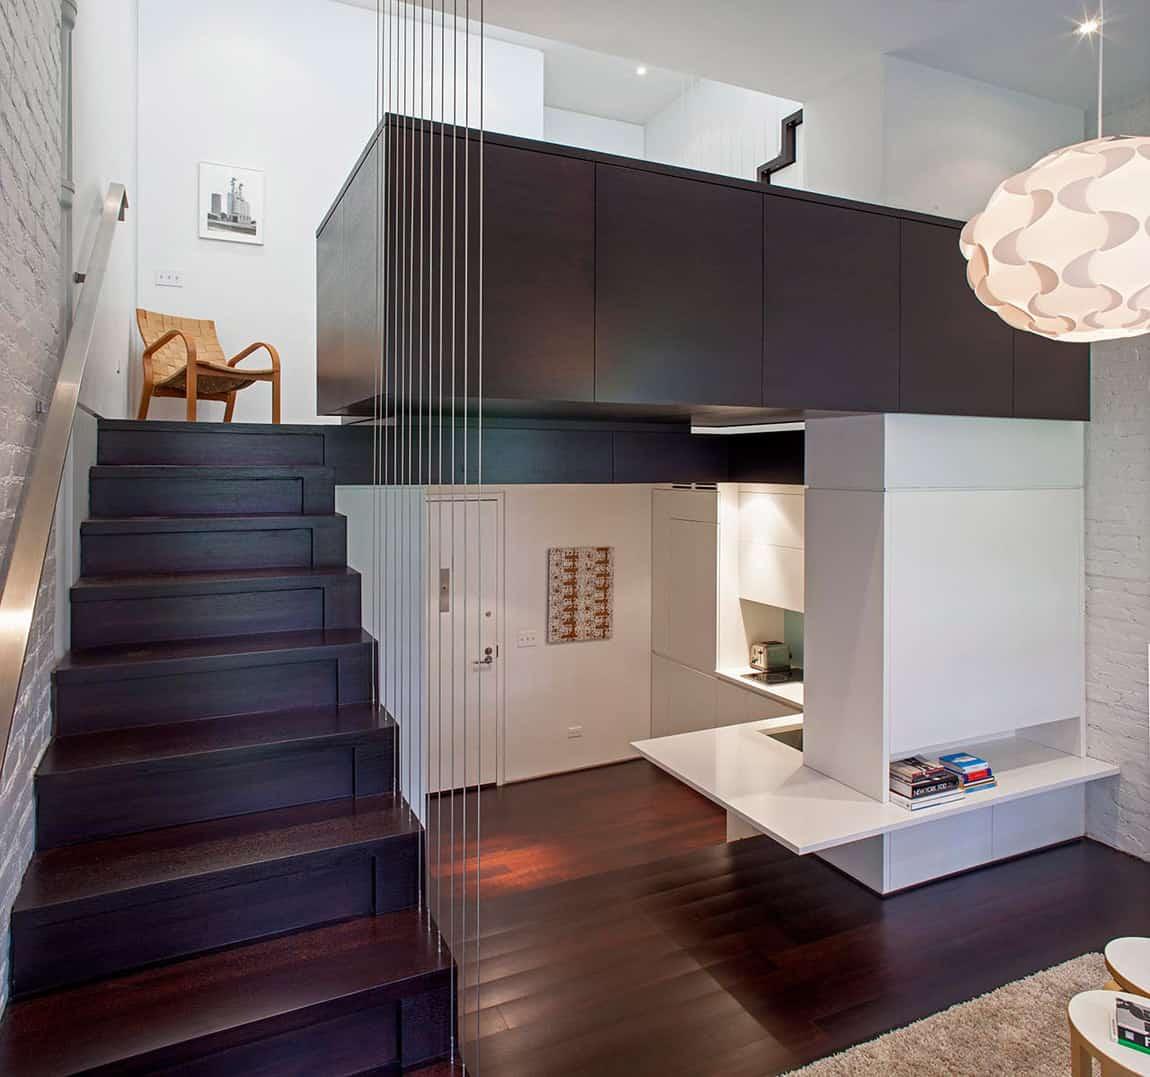 Manhattan Micro Loft with Multi Level Interiors